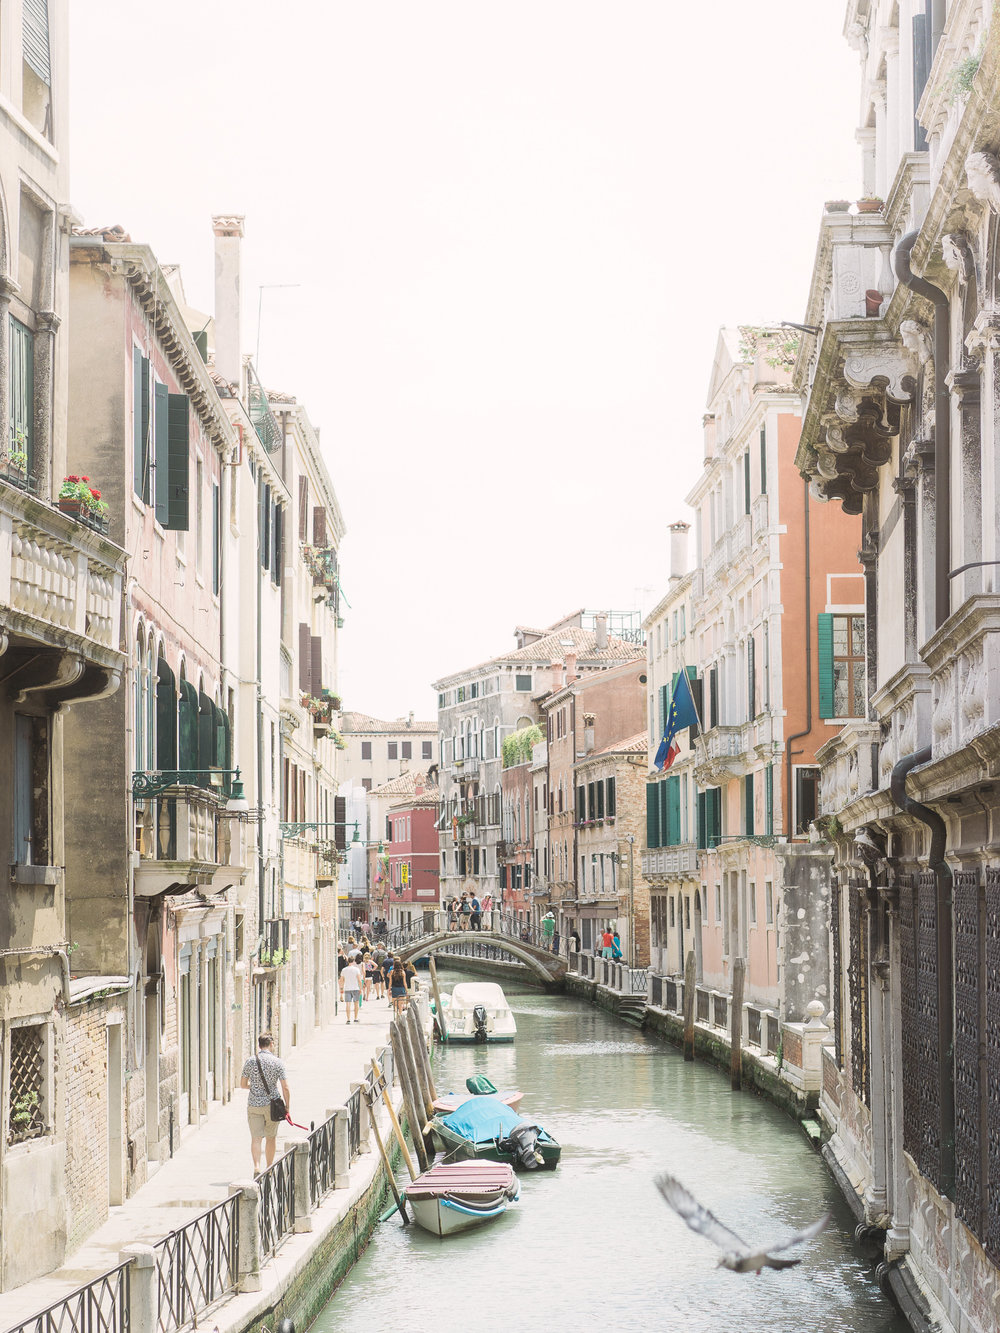 Venice-Burano-Italy-12.jpg